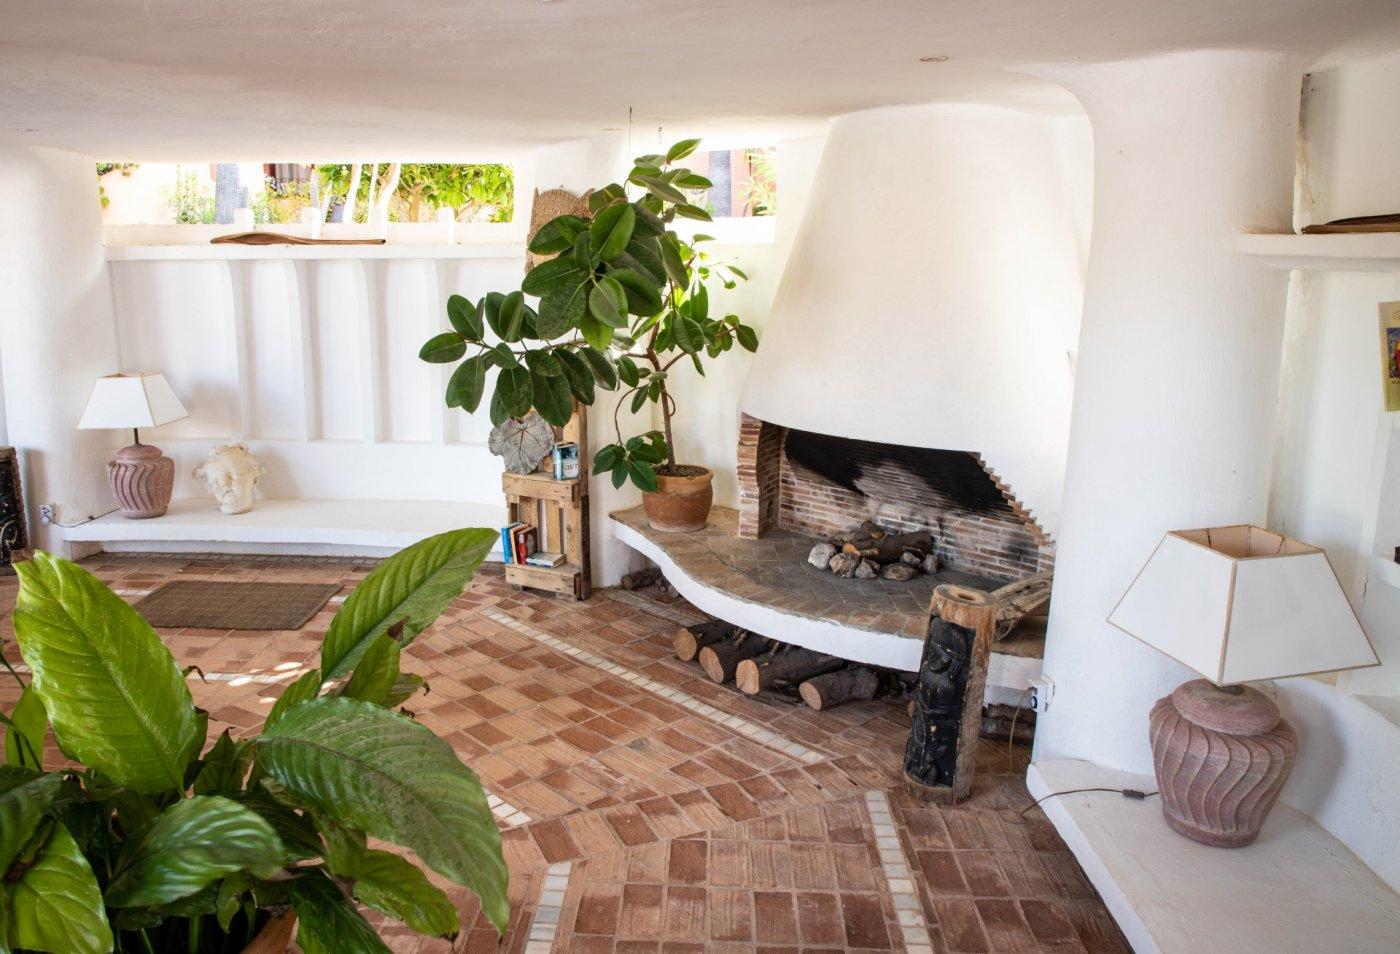 Oportunidad de comprar un precioso apartamento en santa ponsa a muy buen precio!! - imagenInmueble7